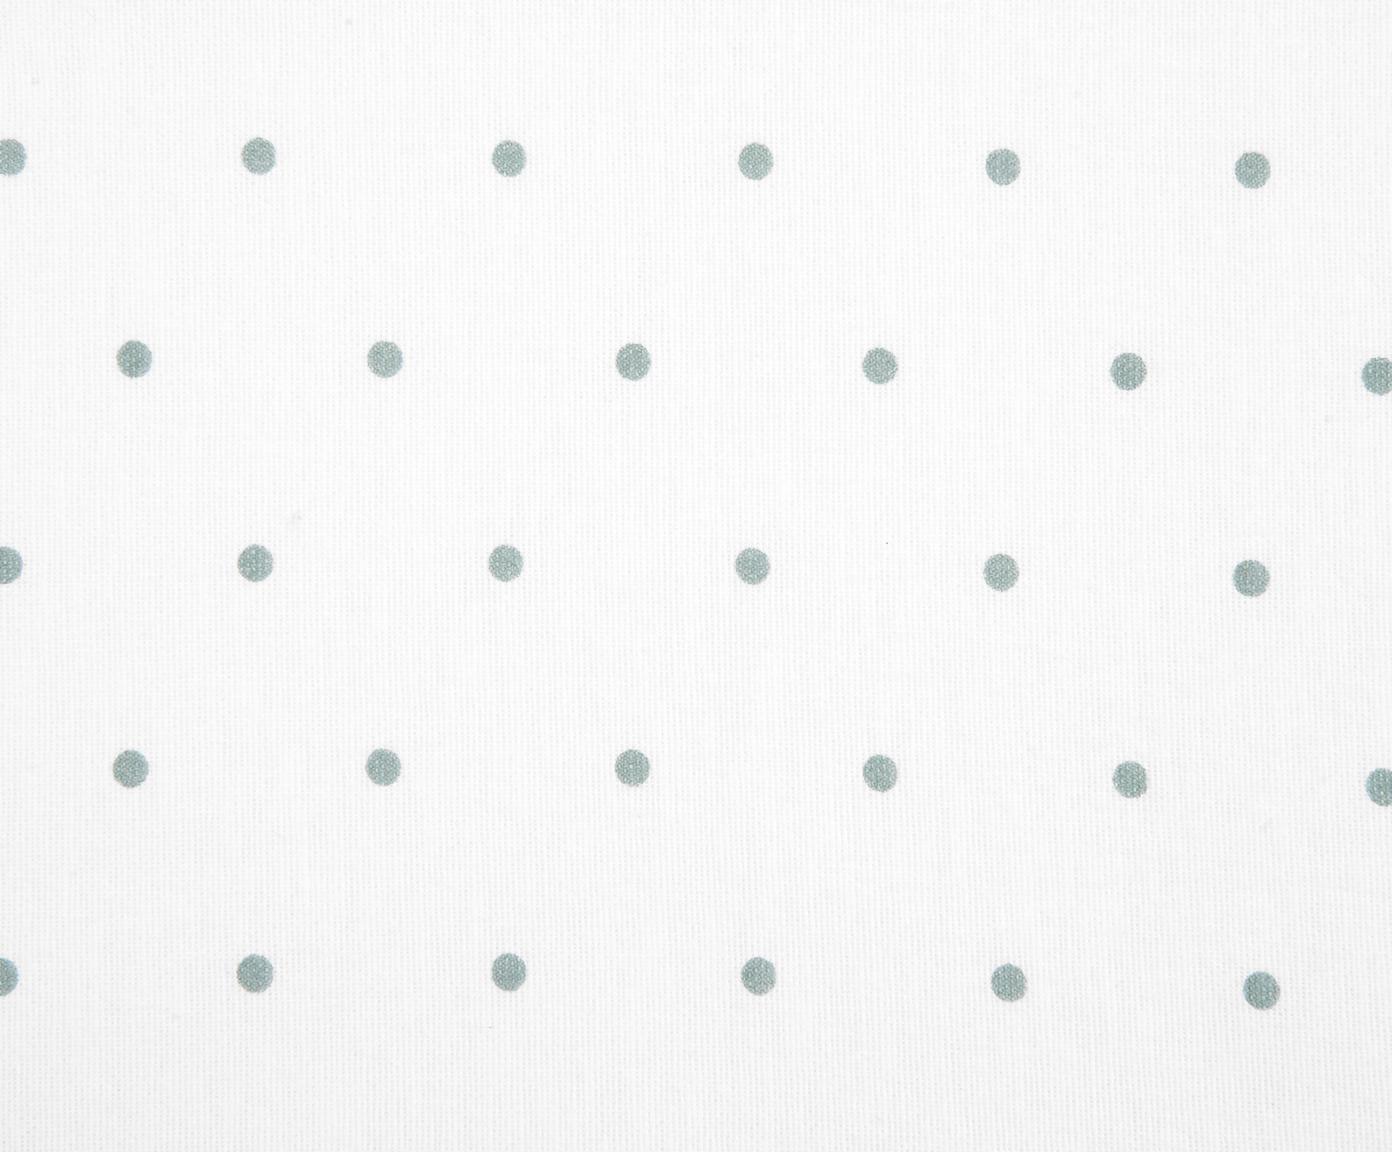 Flanell-Wendebettwäsche Betty, gepunktet, Webart: Flanell Flanell ist ein s, Salbeigrün, Weiss, 240 x 220 cm + 2 Kissen 80 x 80 cm